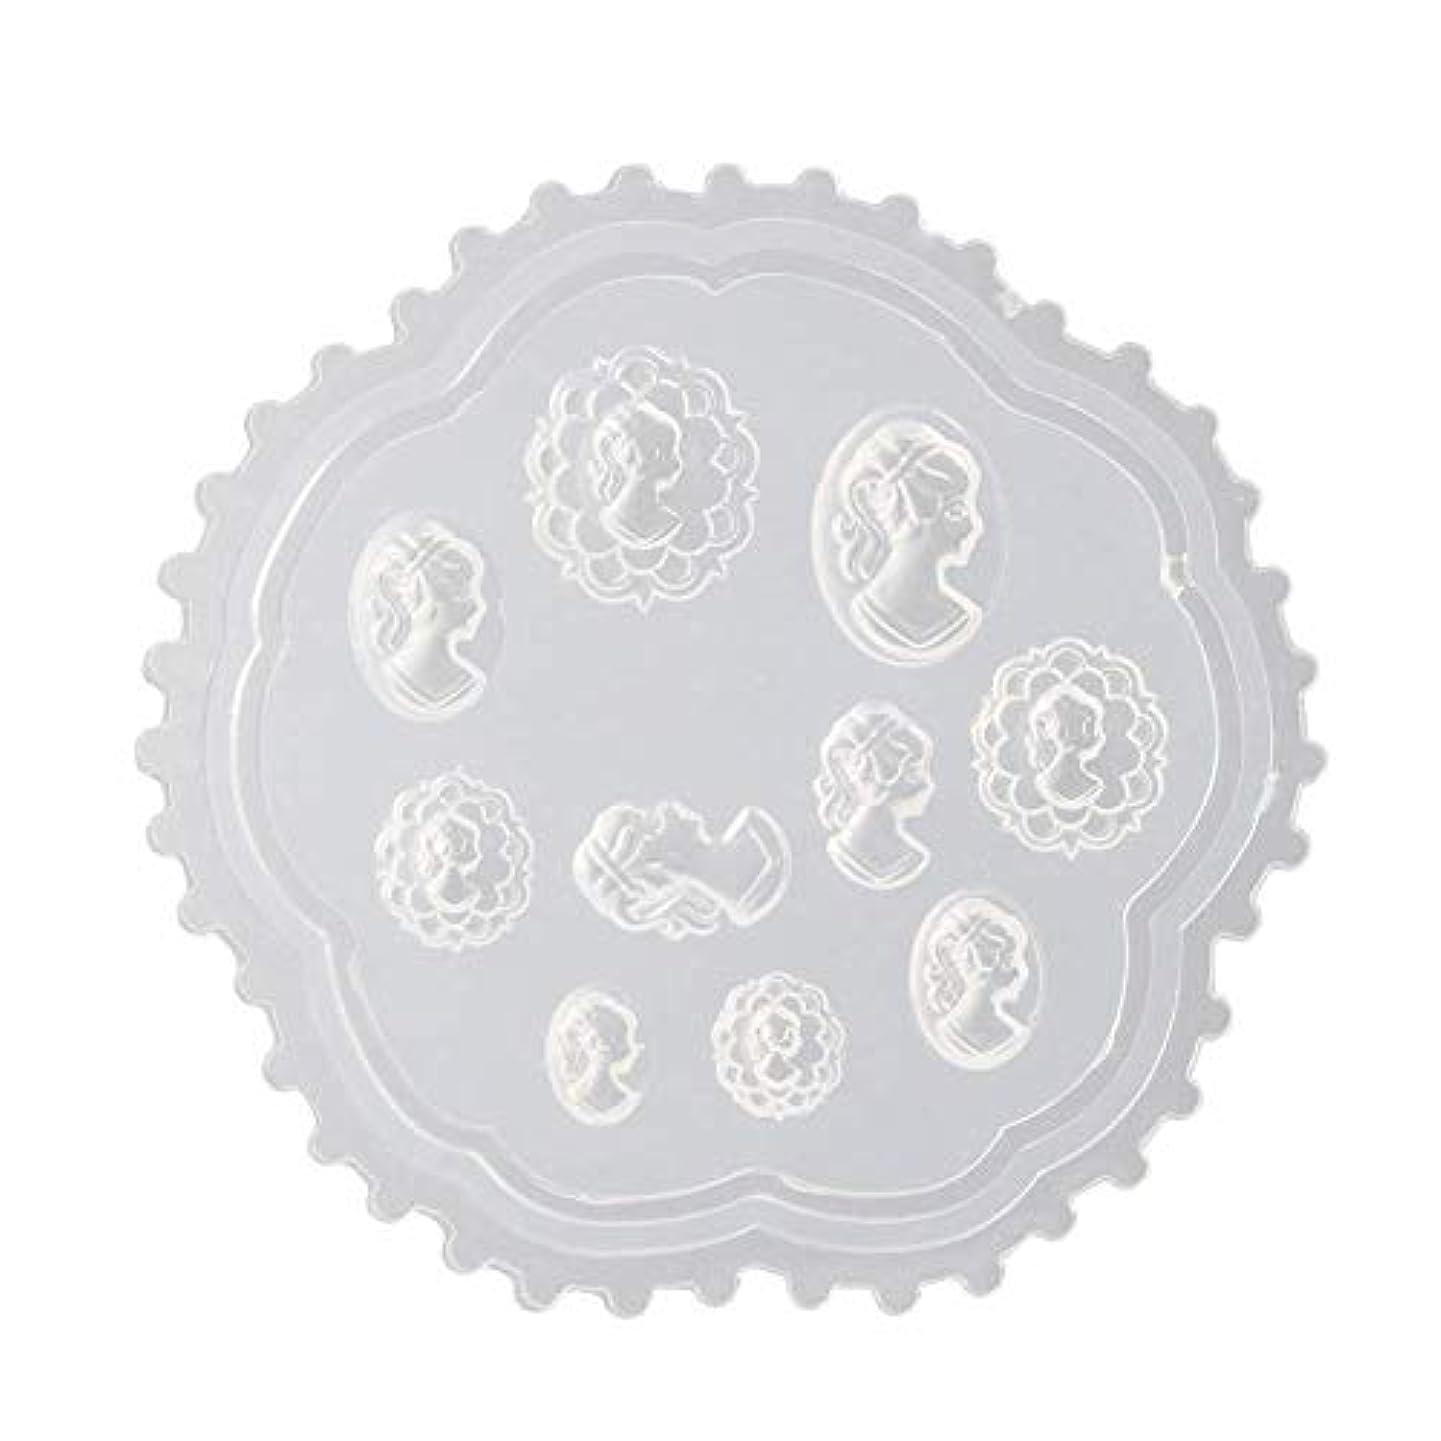 記念日パン記者Flymylion 3Dシリコンモールド ネイル 葉 花 抜き型 3Dネイル用 レジンモールド UVレジン ネイルパーツ ジェル ネイル セット アクセサリー パーツ 作成 (2)